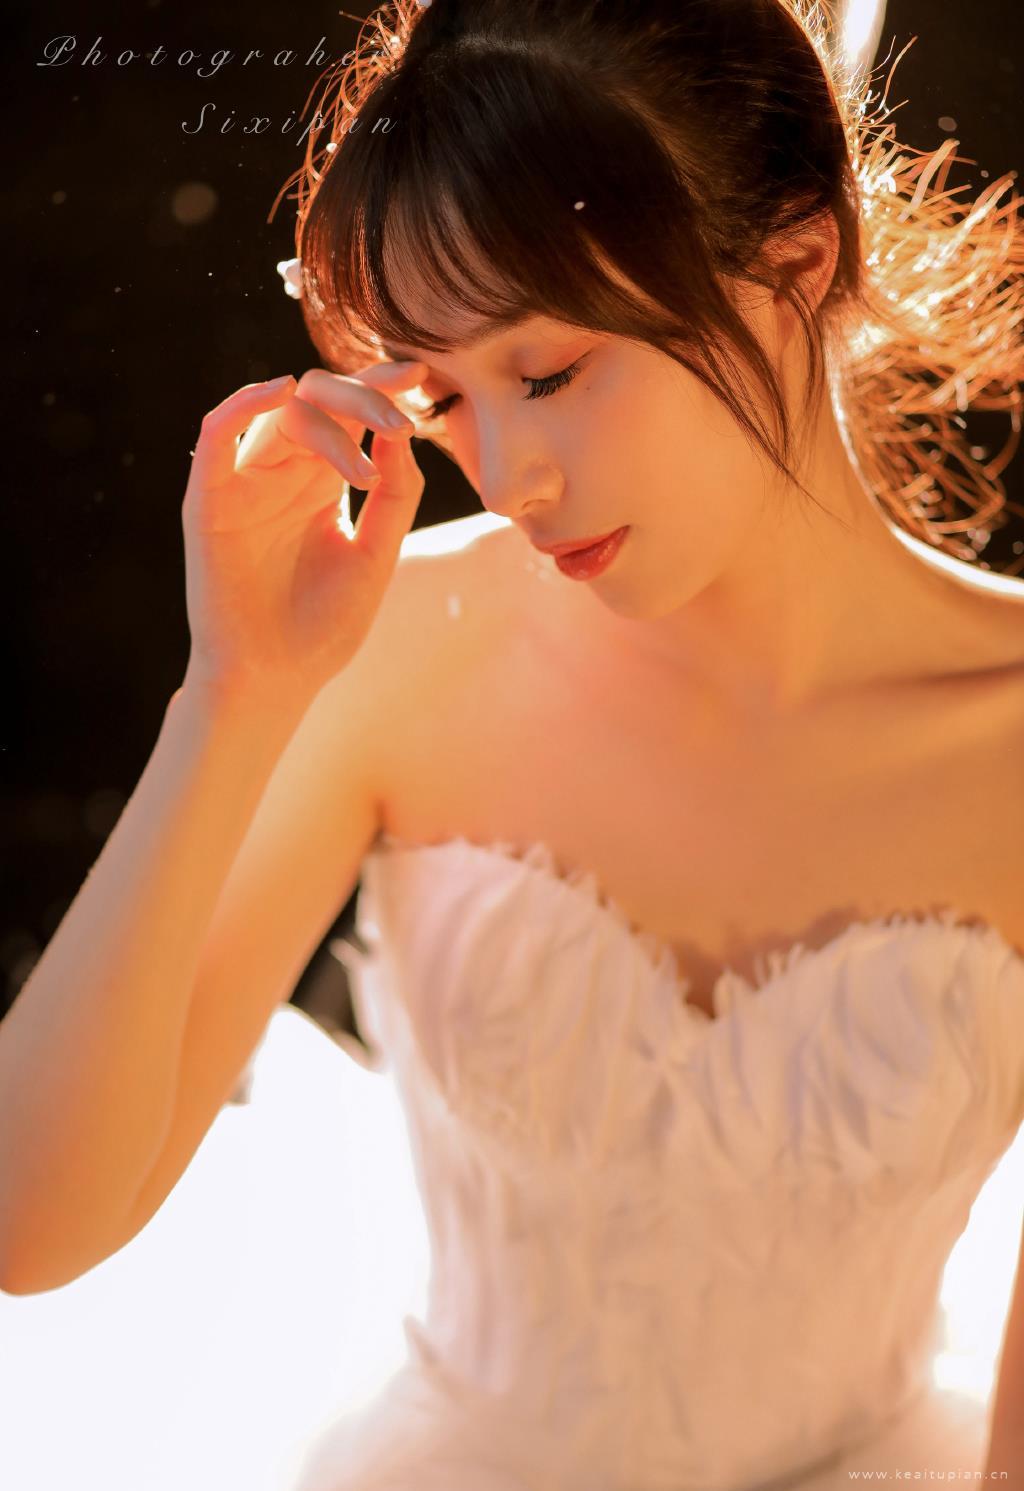 超美深V抹胸裙美女性感大胆写真图片大全